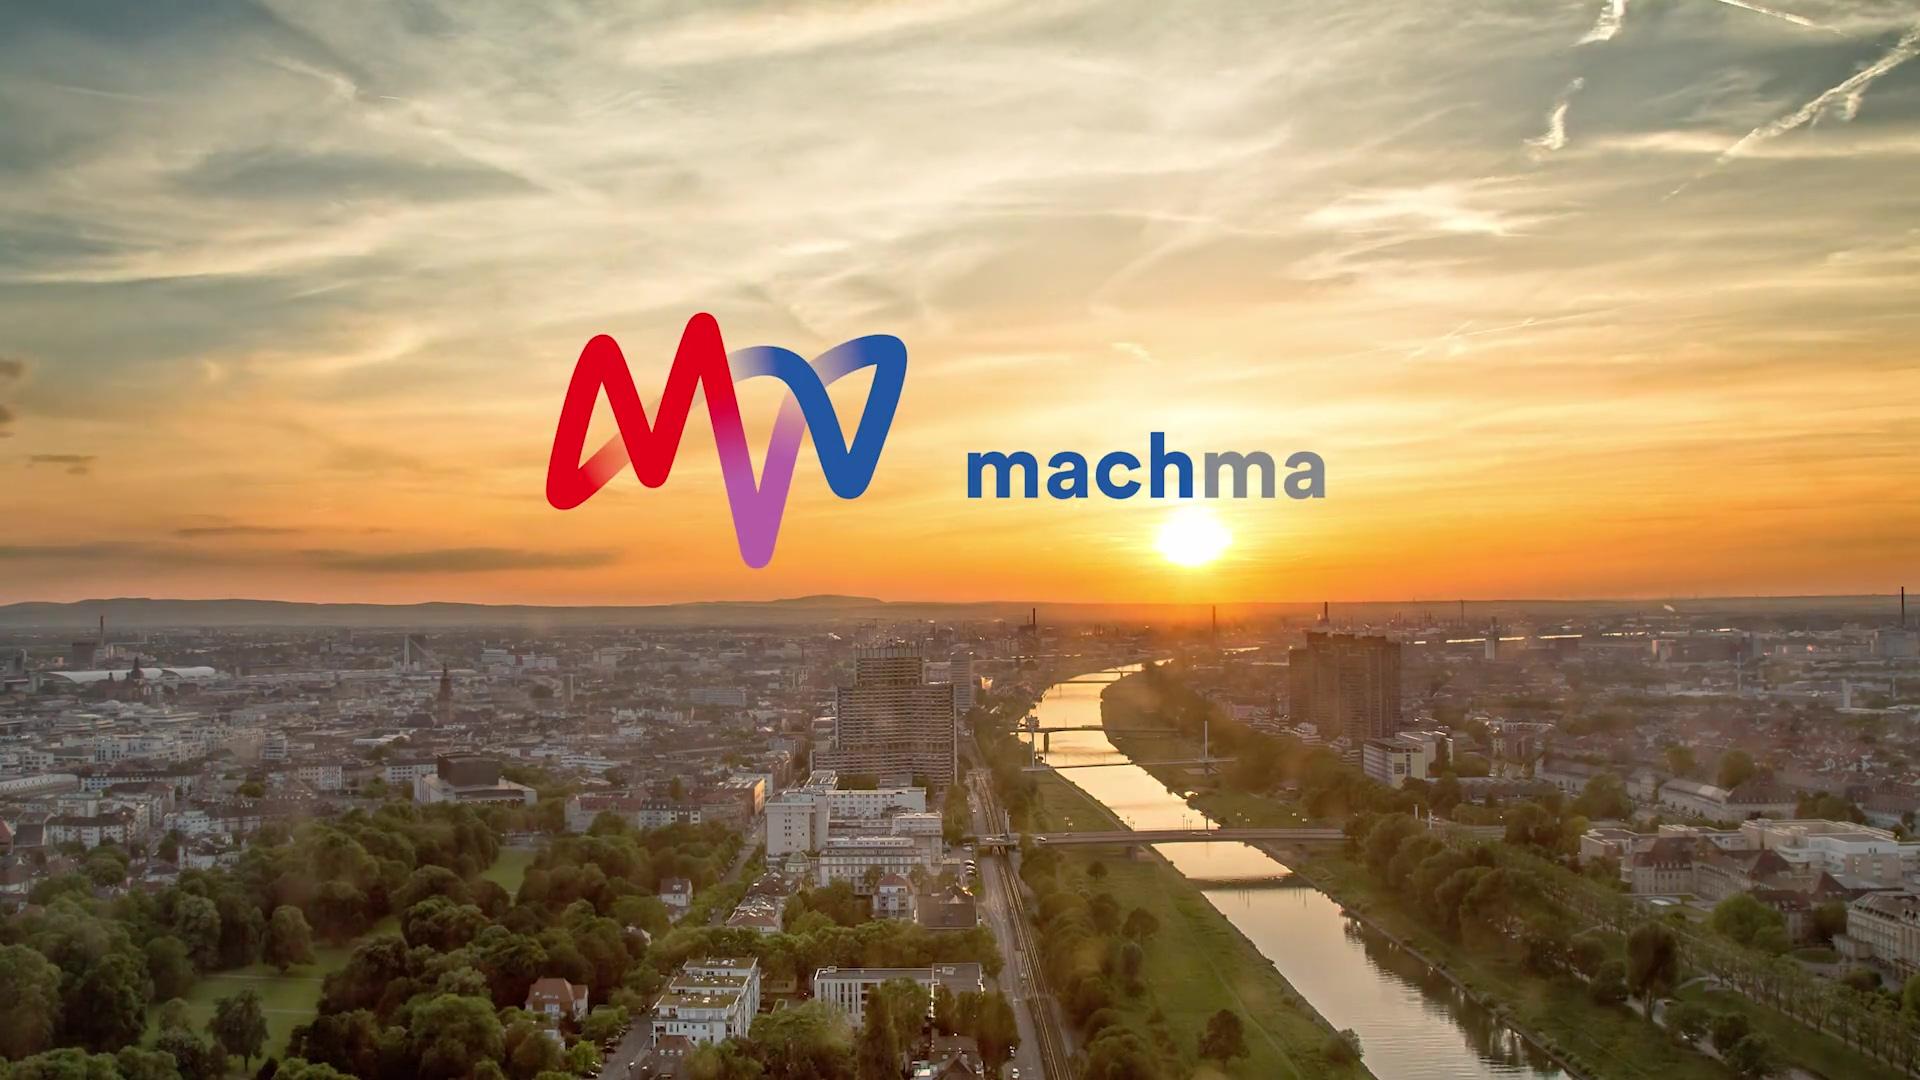 1213_MVV_Machma_Testimonials_Trinkwasseranalyse_master_20-07-29_V02